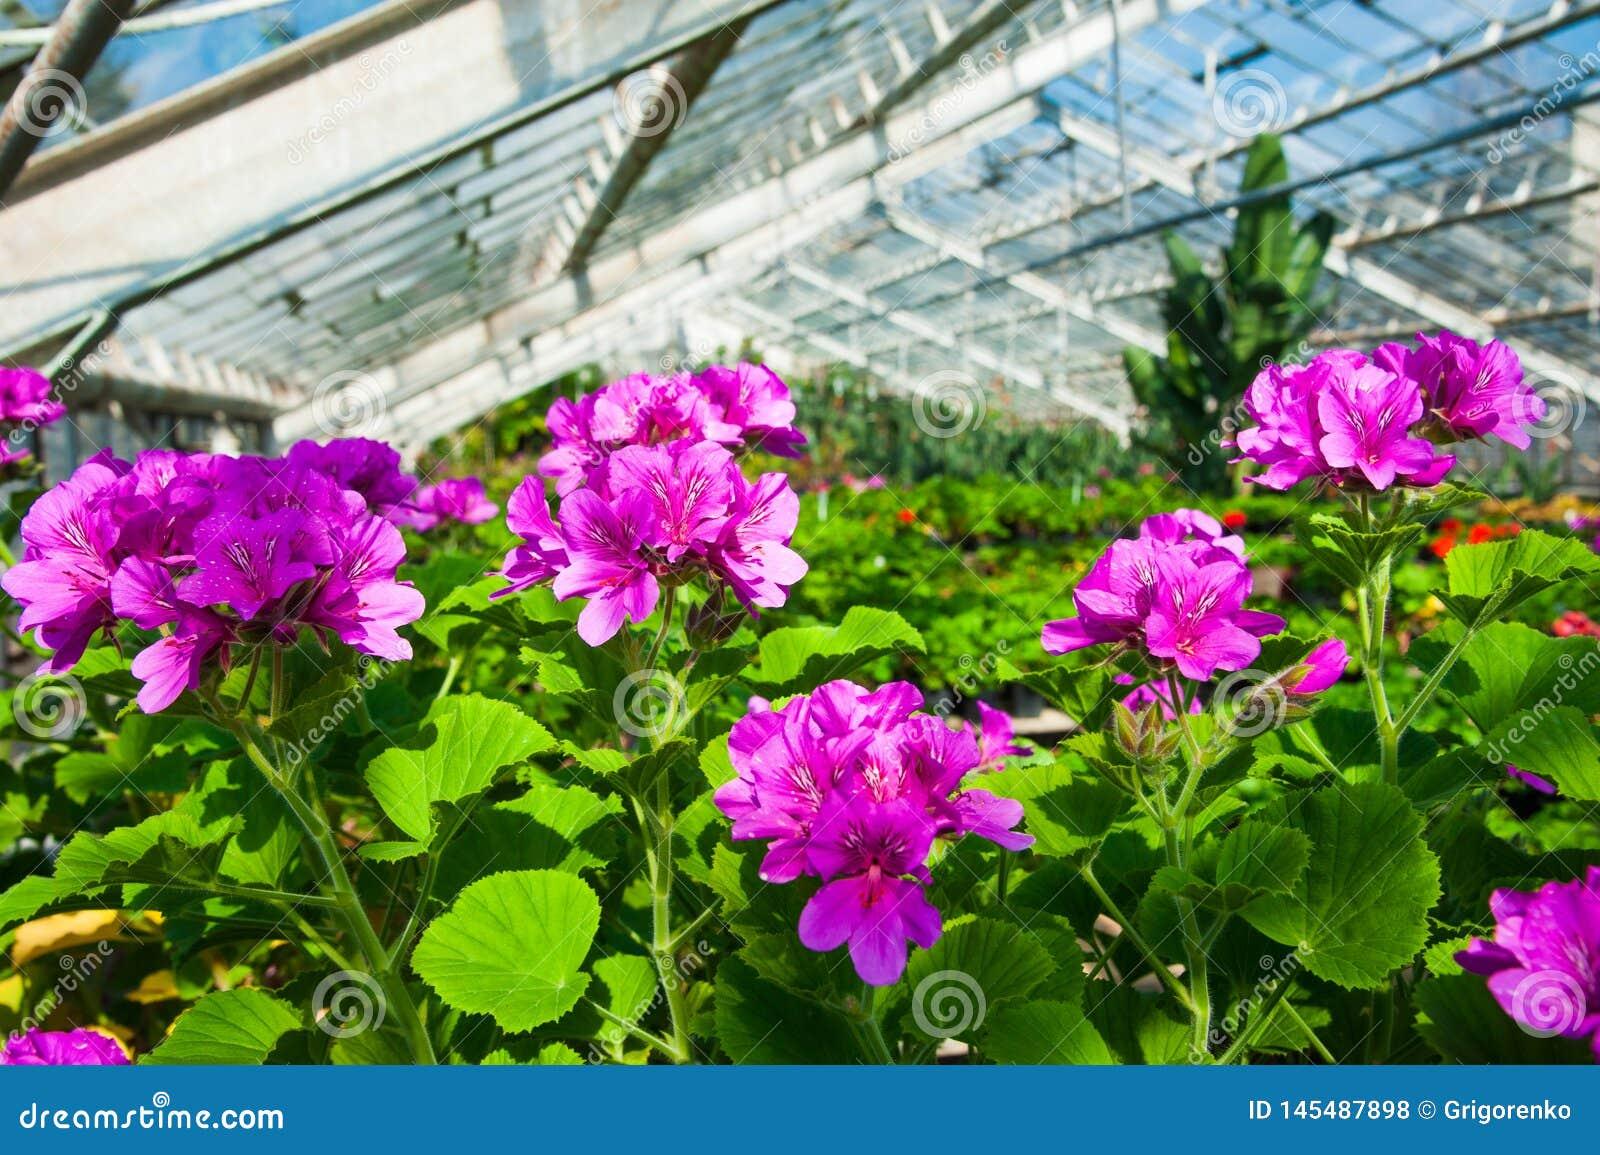 Serre chaude de jardin agrobusiness